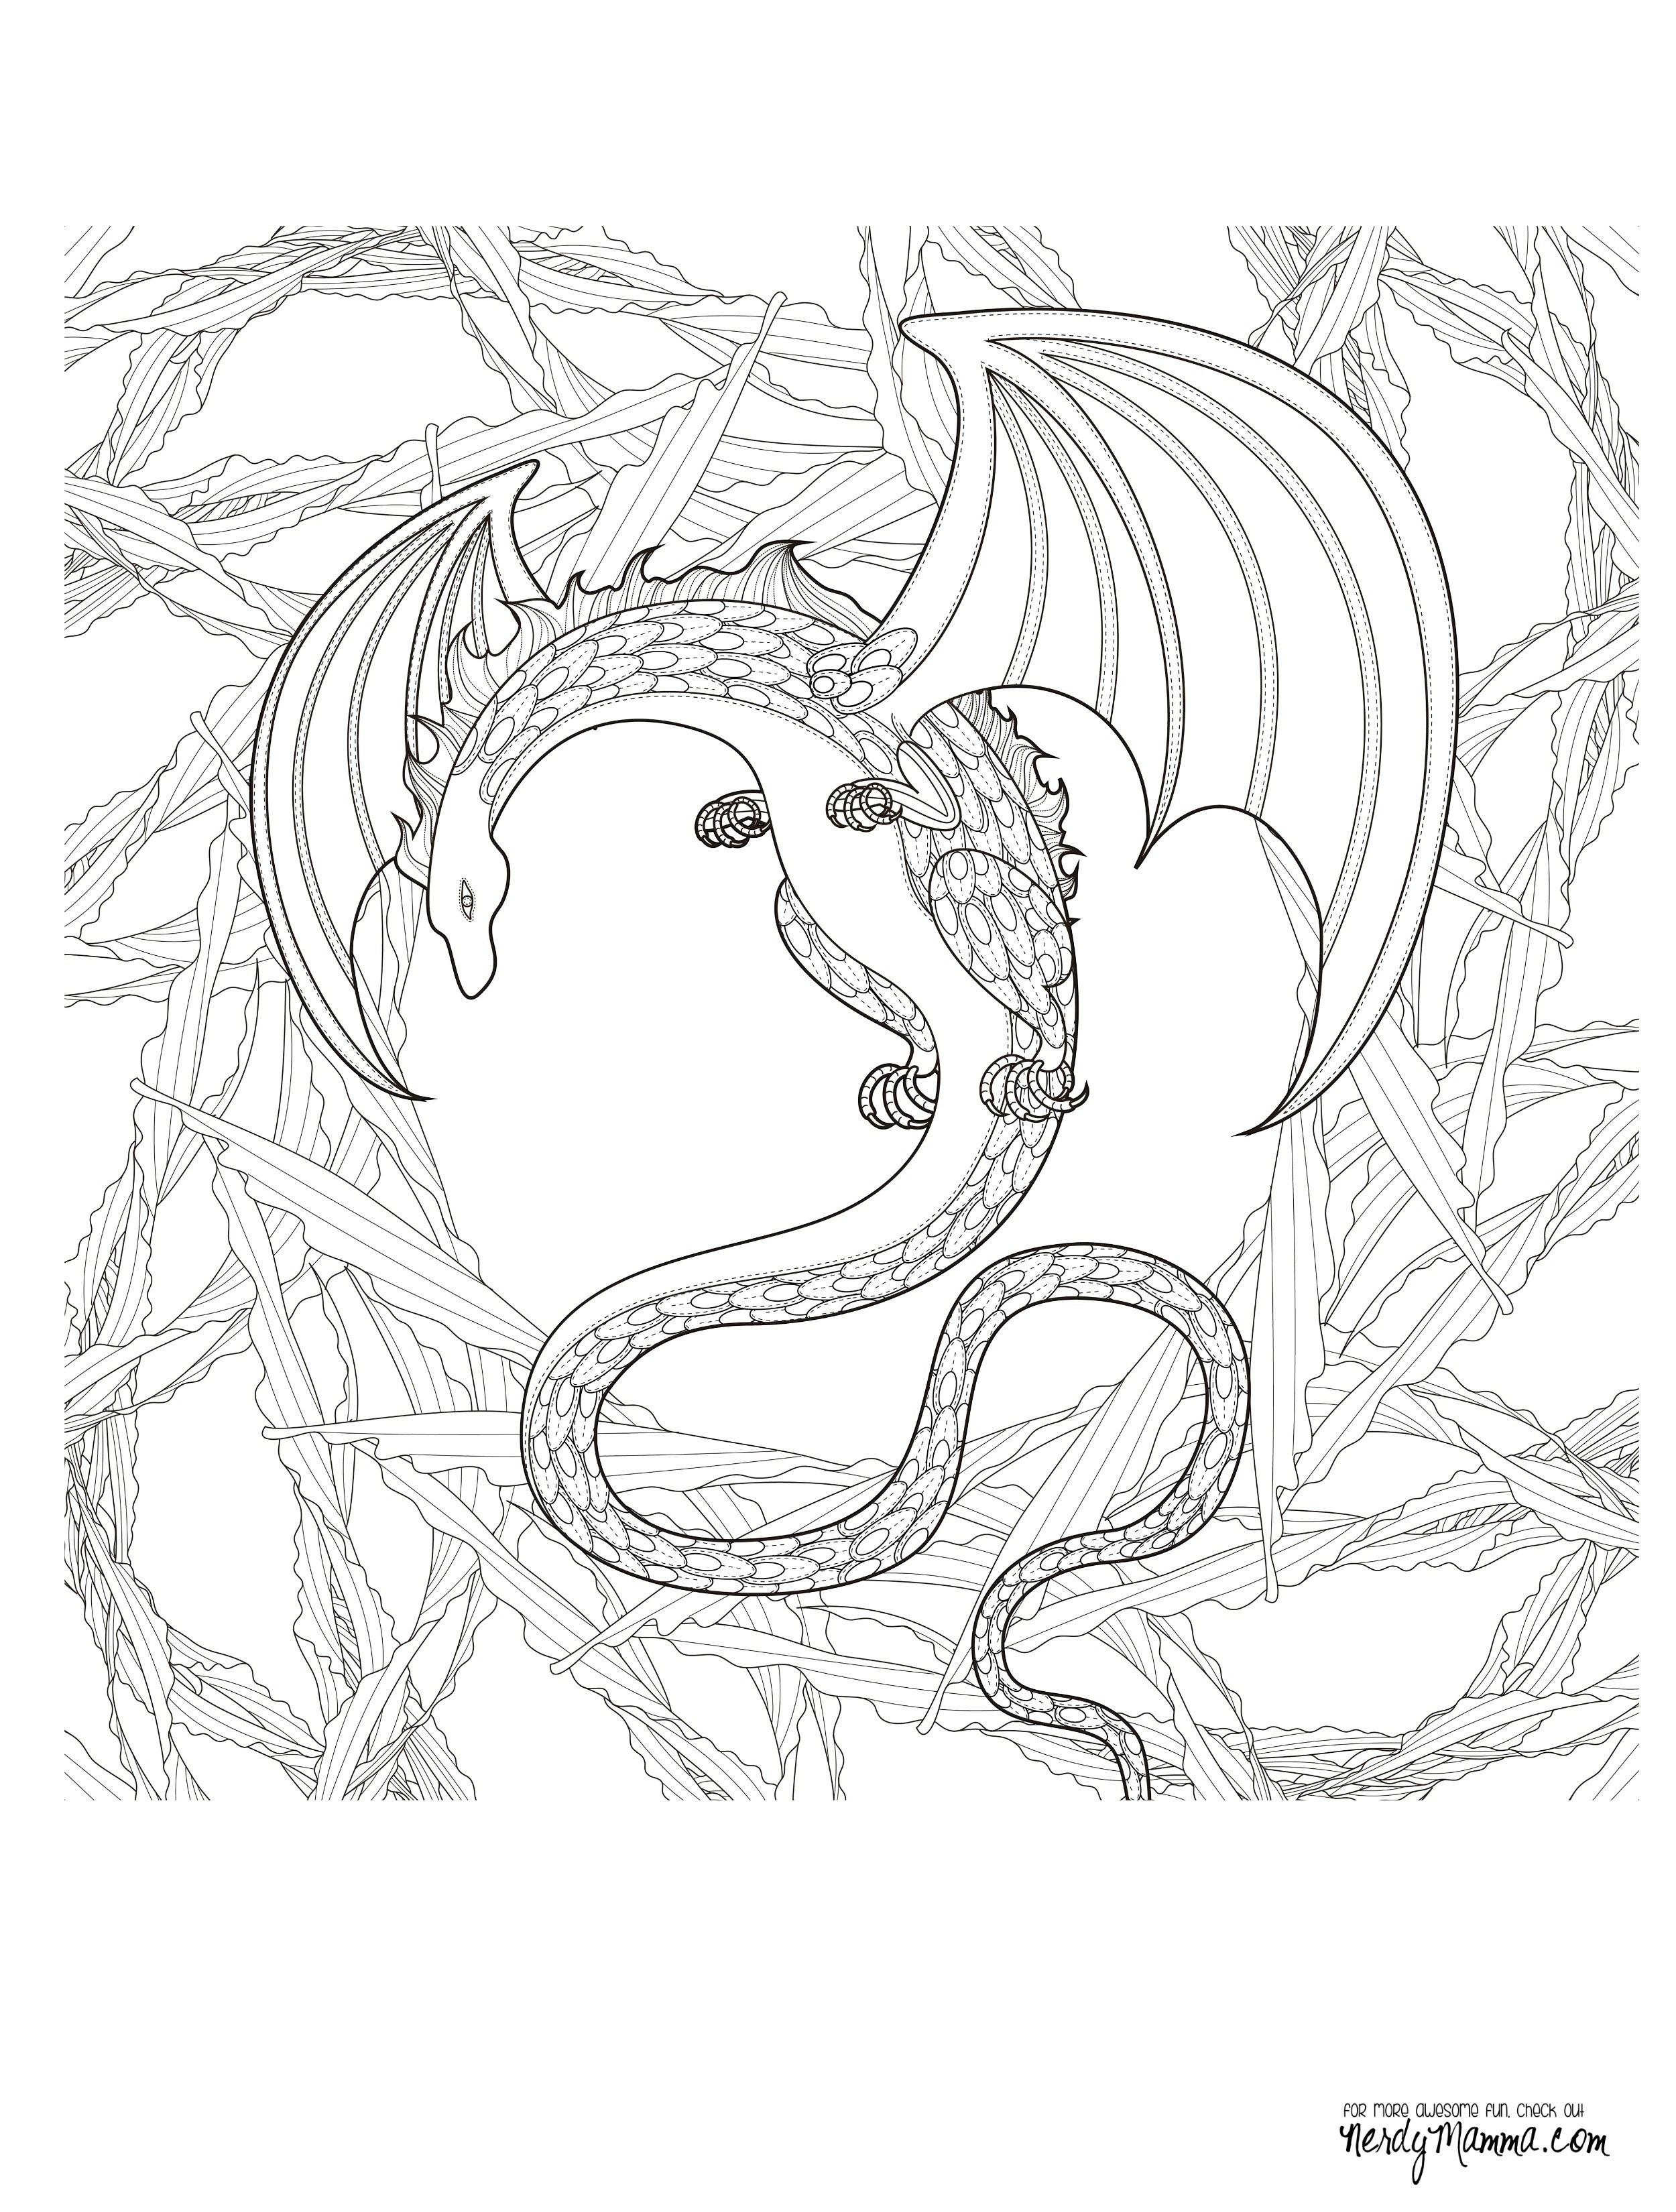 Mandalas Zum Ausmalen Schmetterling Das Beste Von Malvorlagen Für Erwachsene Kostenlose Druckvorlagen Best Fotos